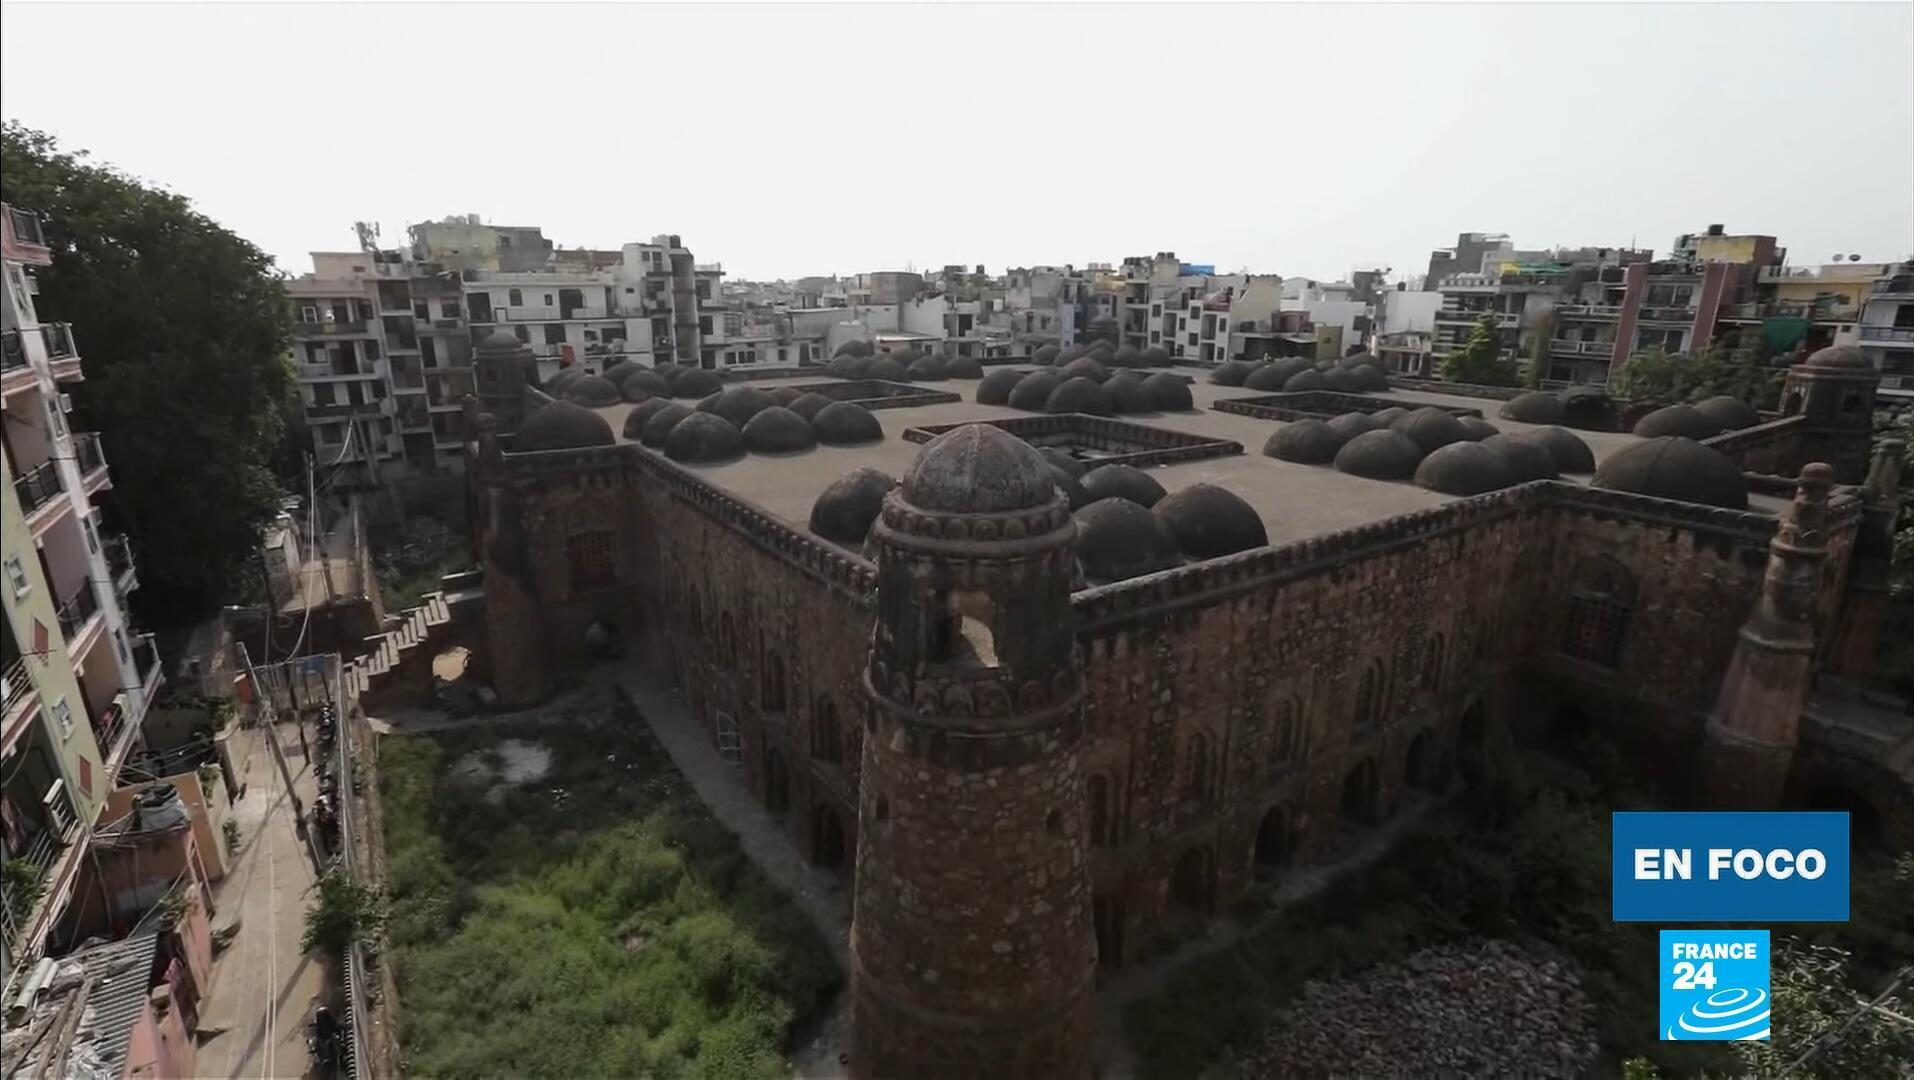 En Foco - India reconstrucción urbana